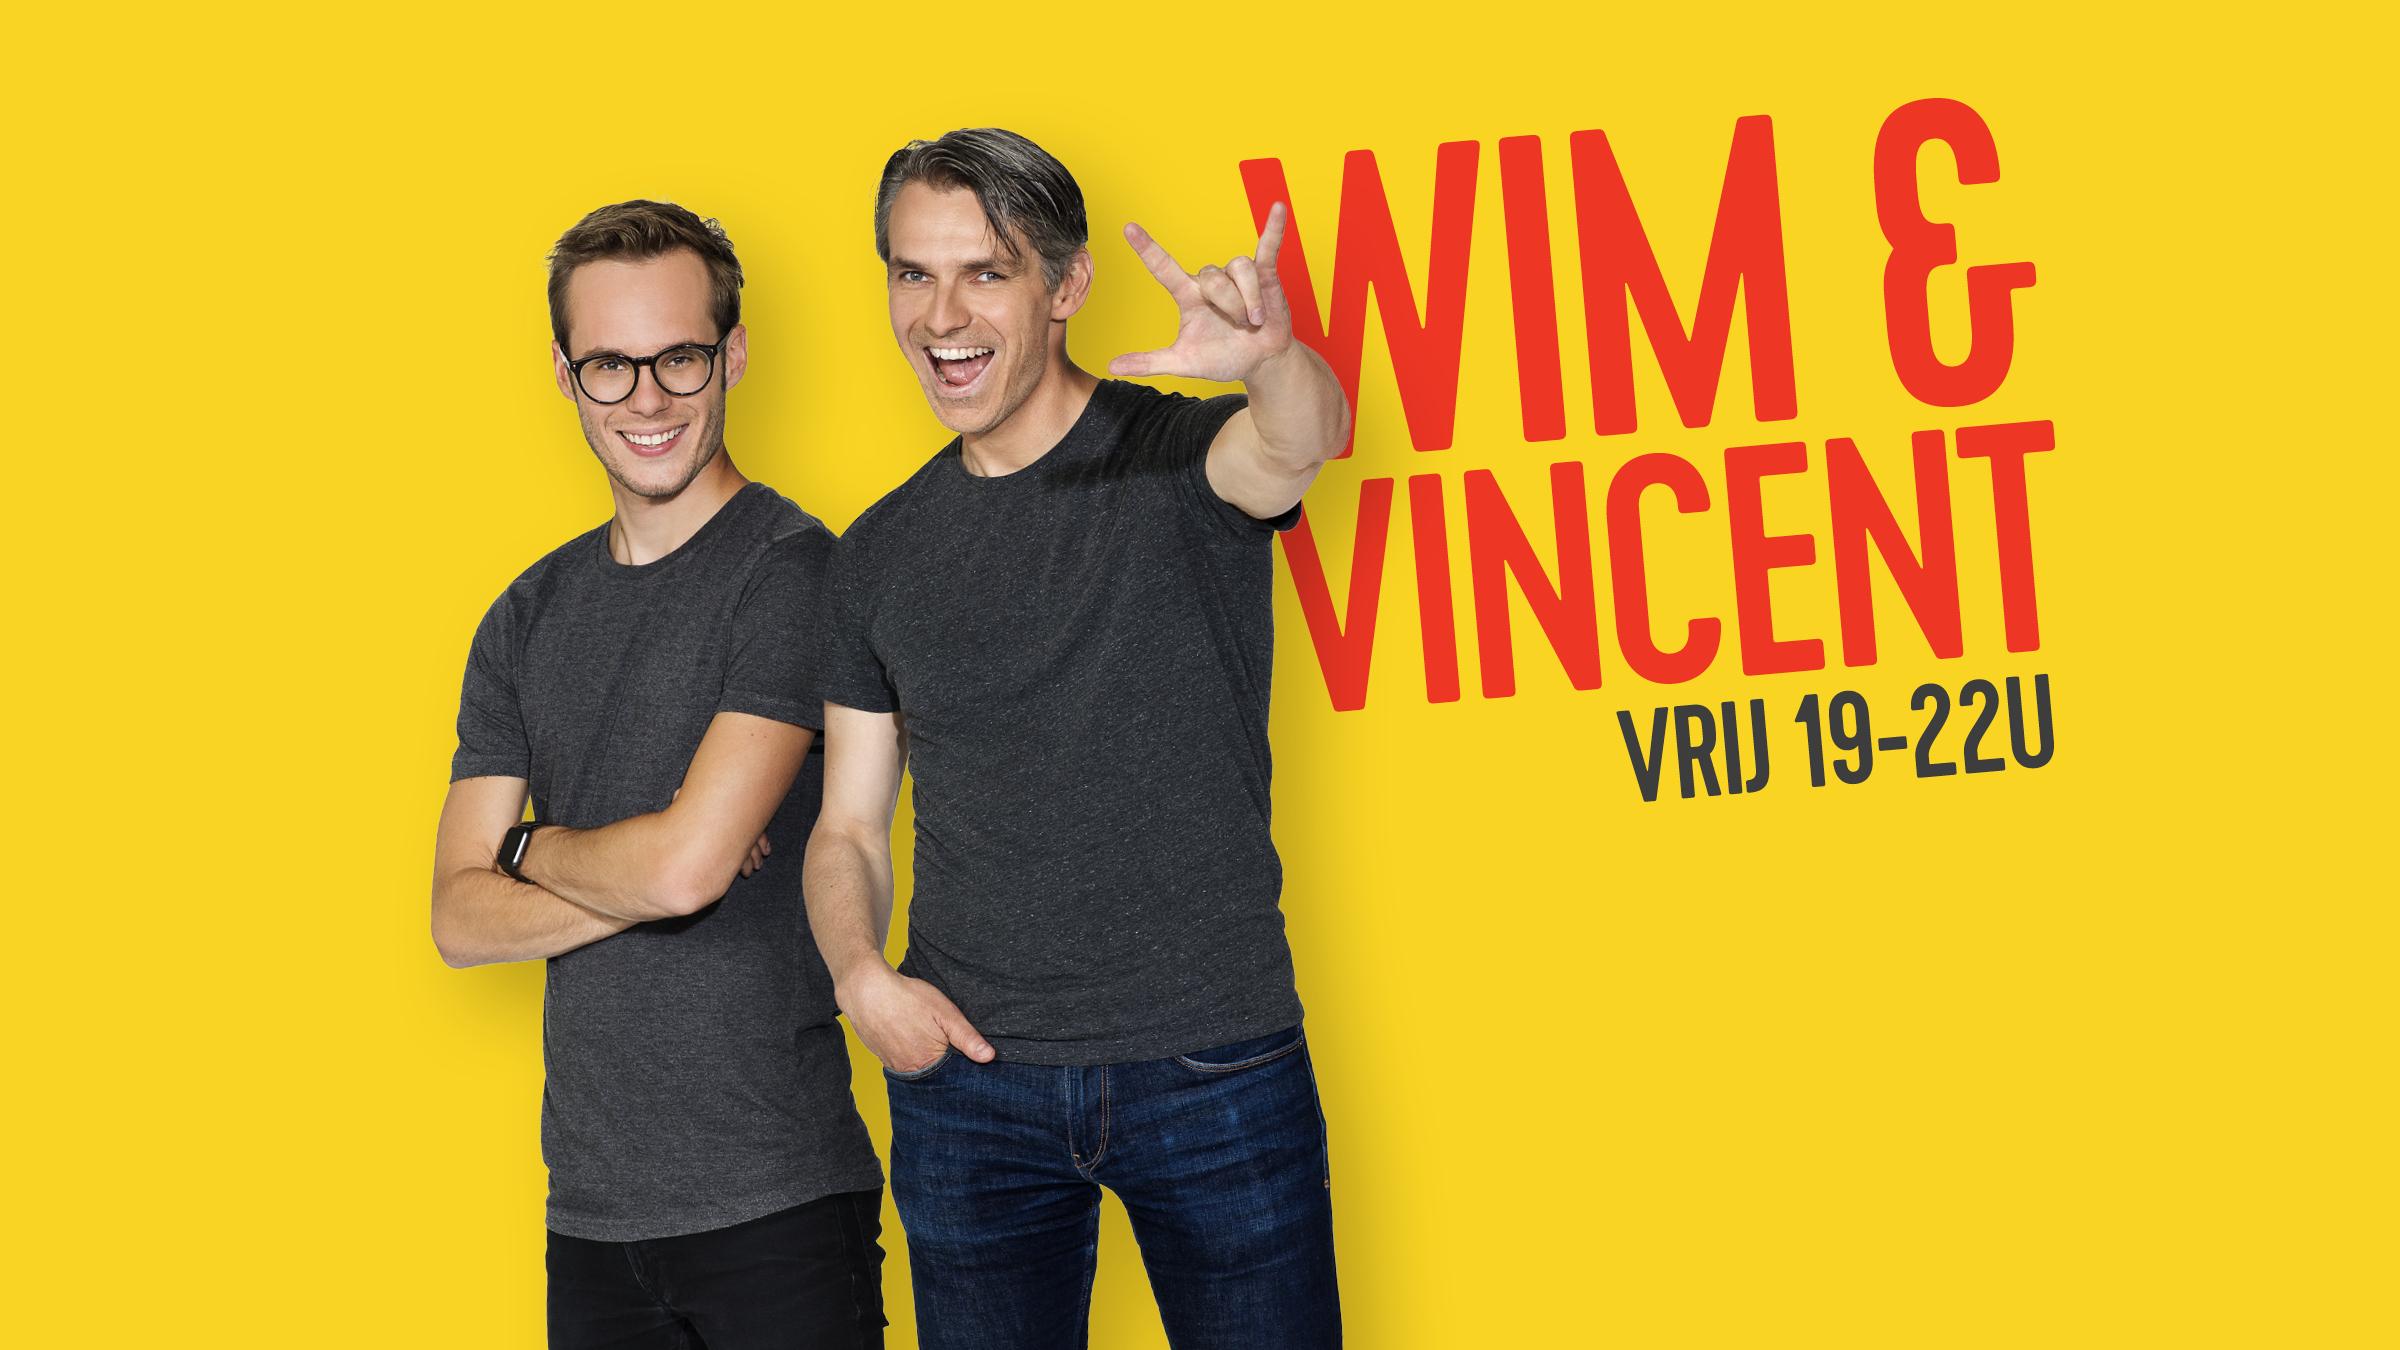 Wim en vincent 2400x1350